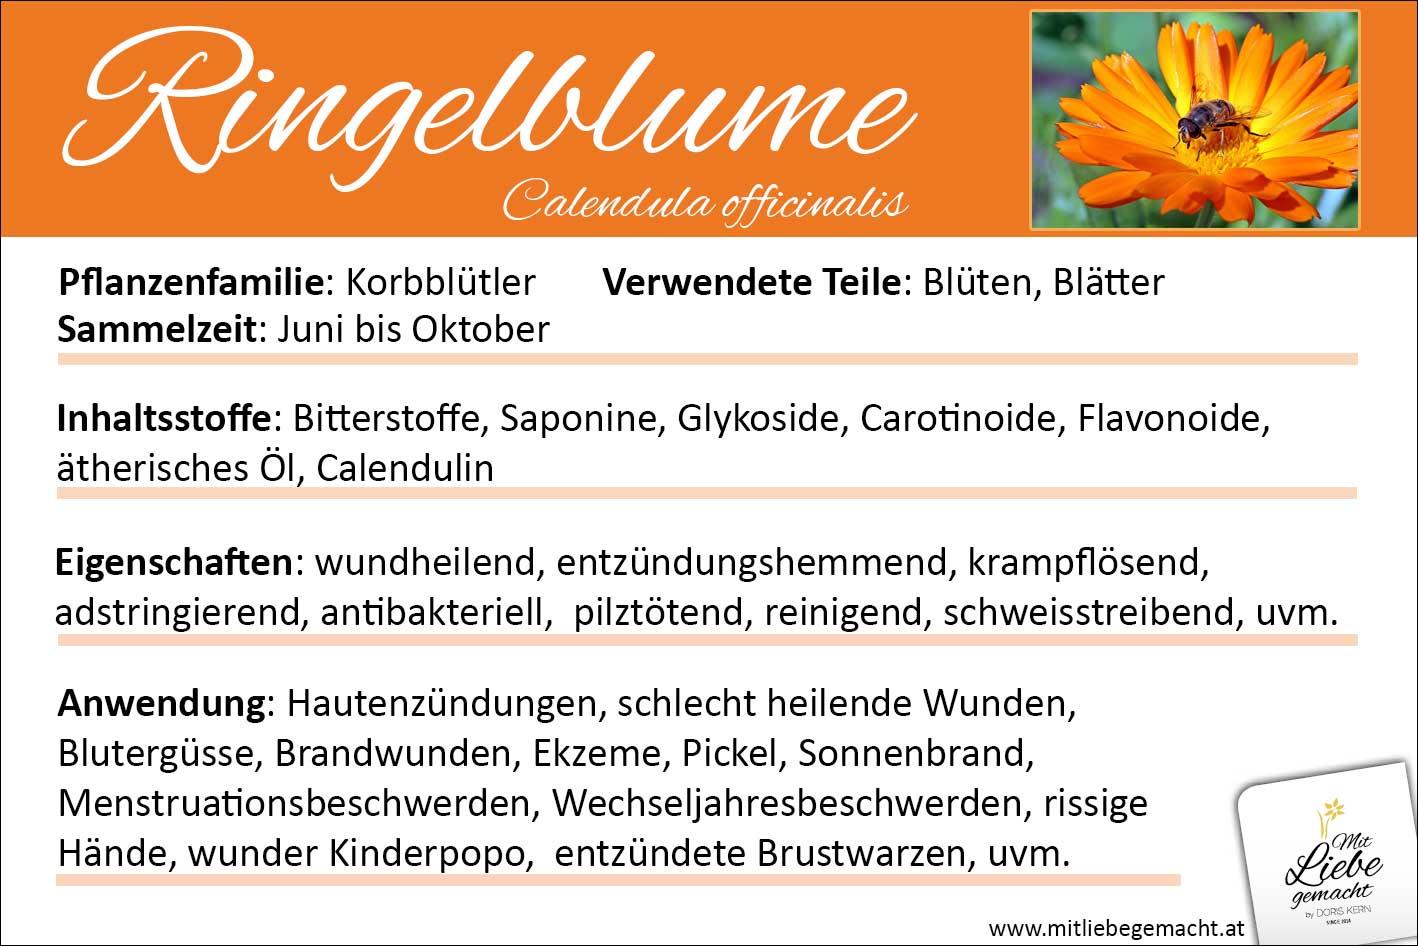 Ringelblume Lernkarte Kräuterwissen